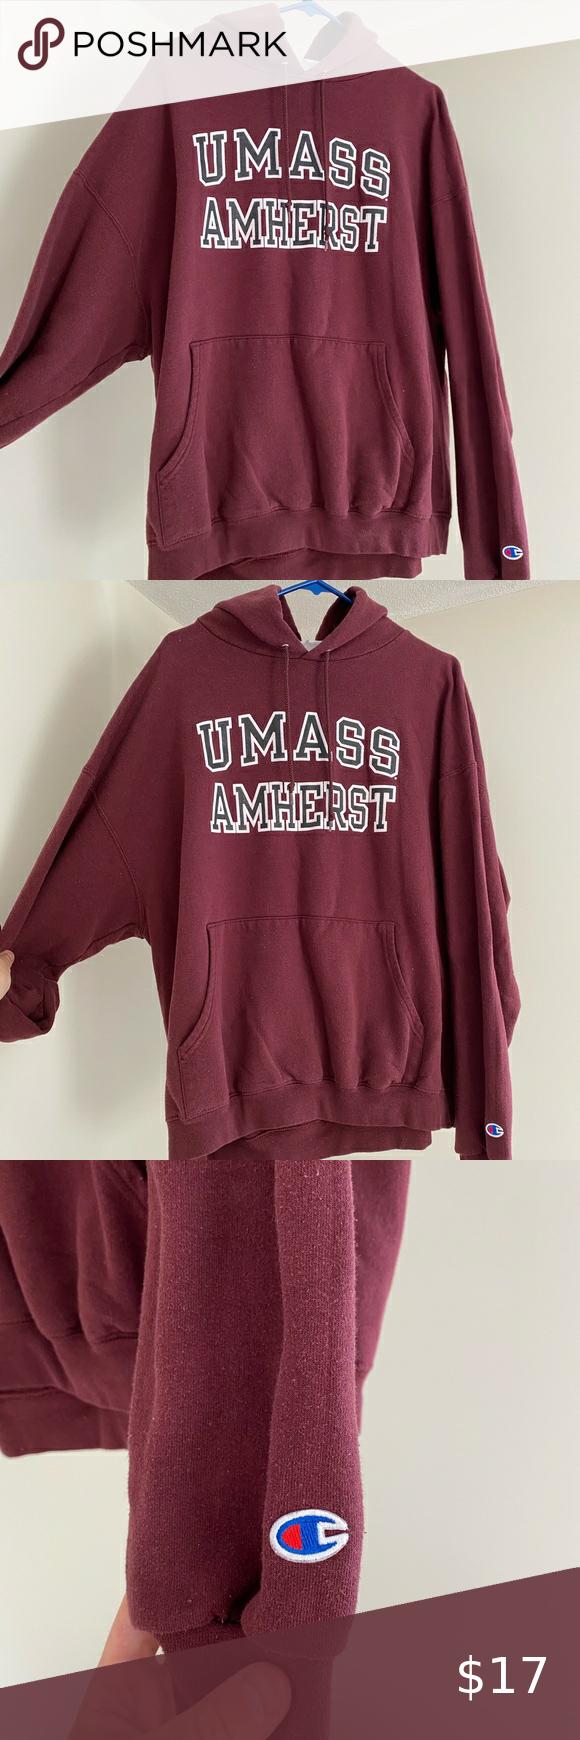 Umass Amherst Hoodie Hoodies Sweatshirt Shirt Champion Shirts [ 1740 x 580 Pixel ]